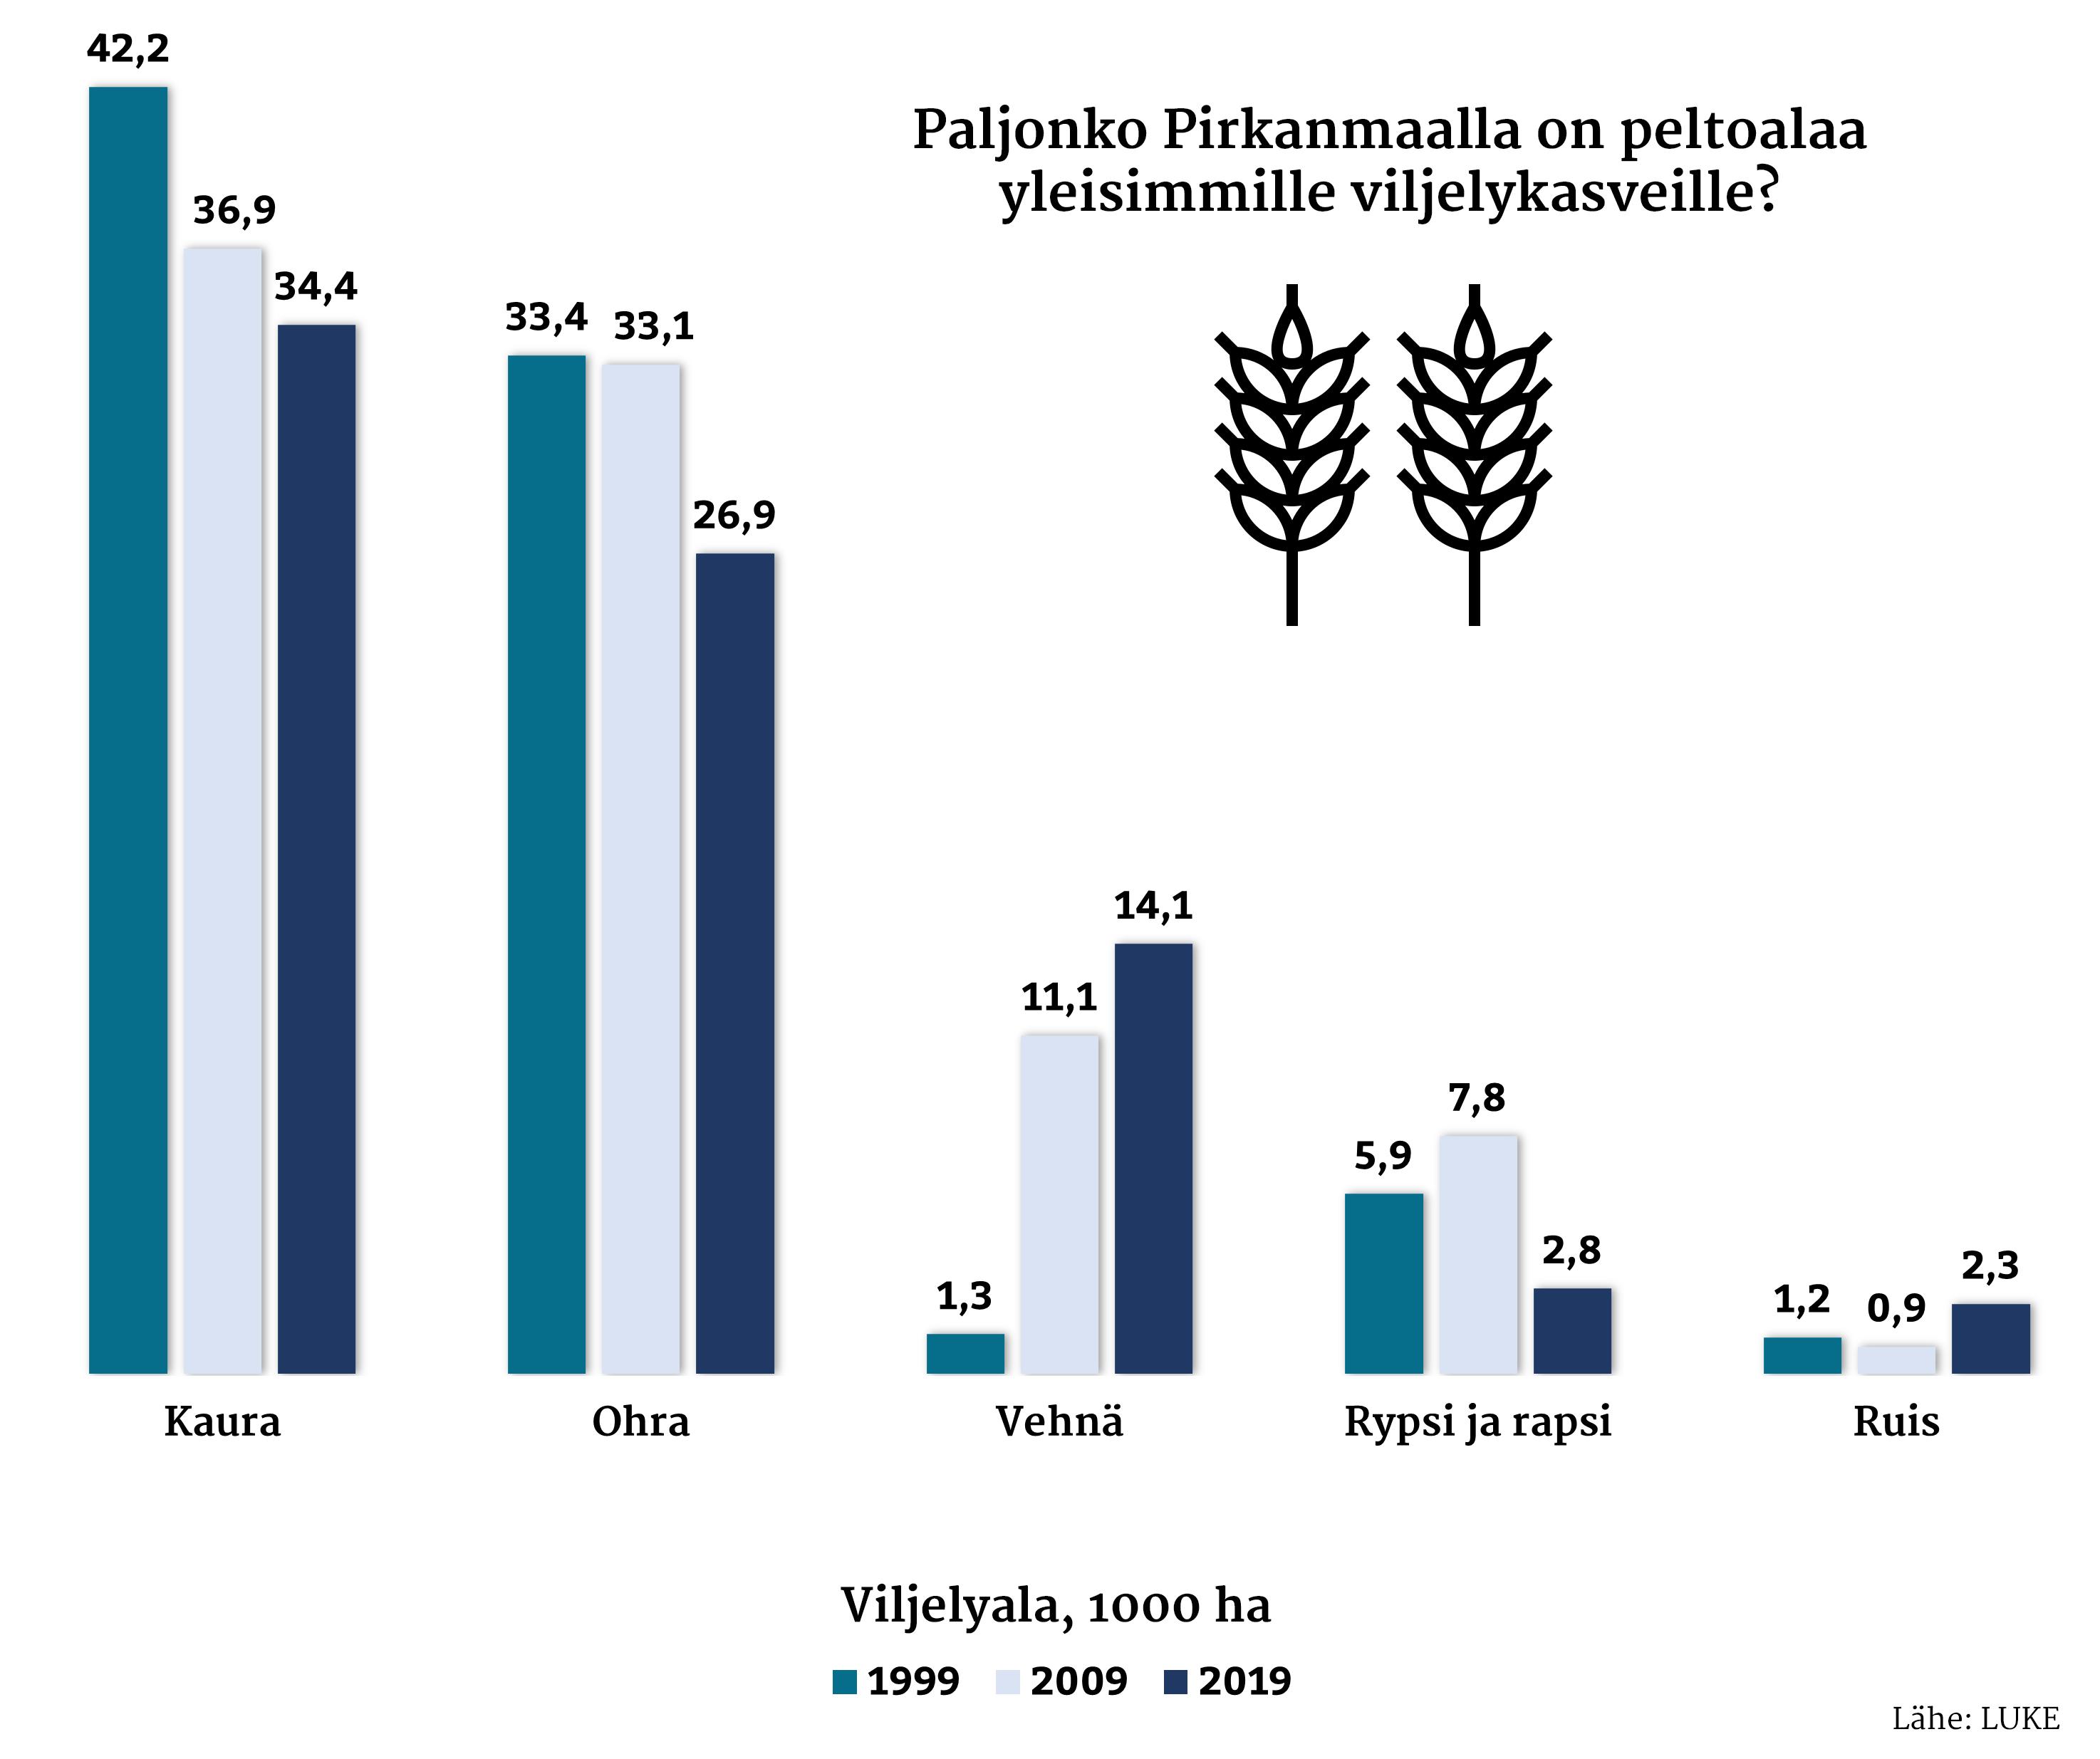 Pirkanmaan yleisimmät viljelykasvit